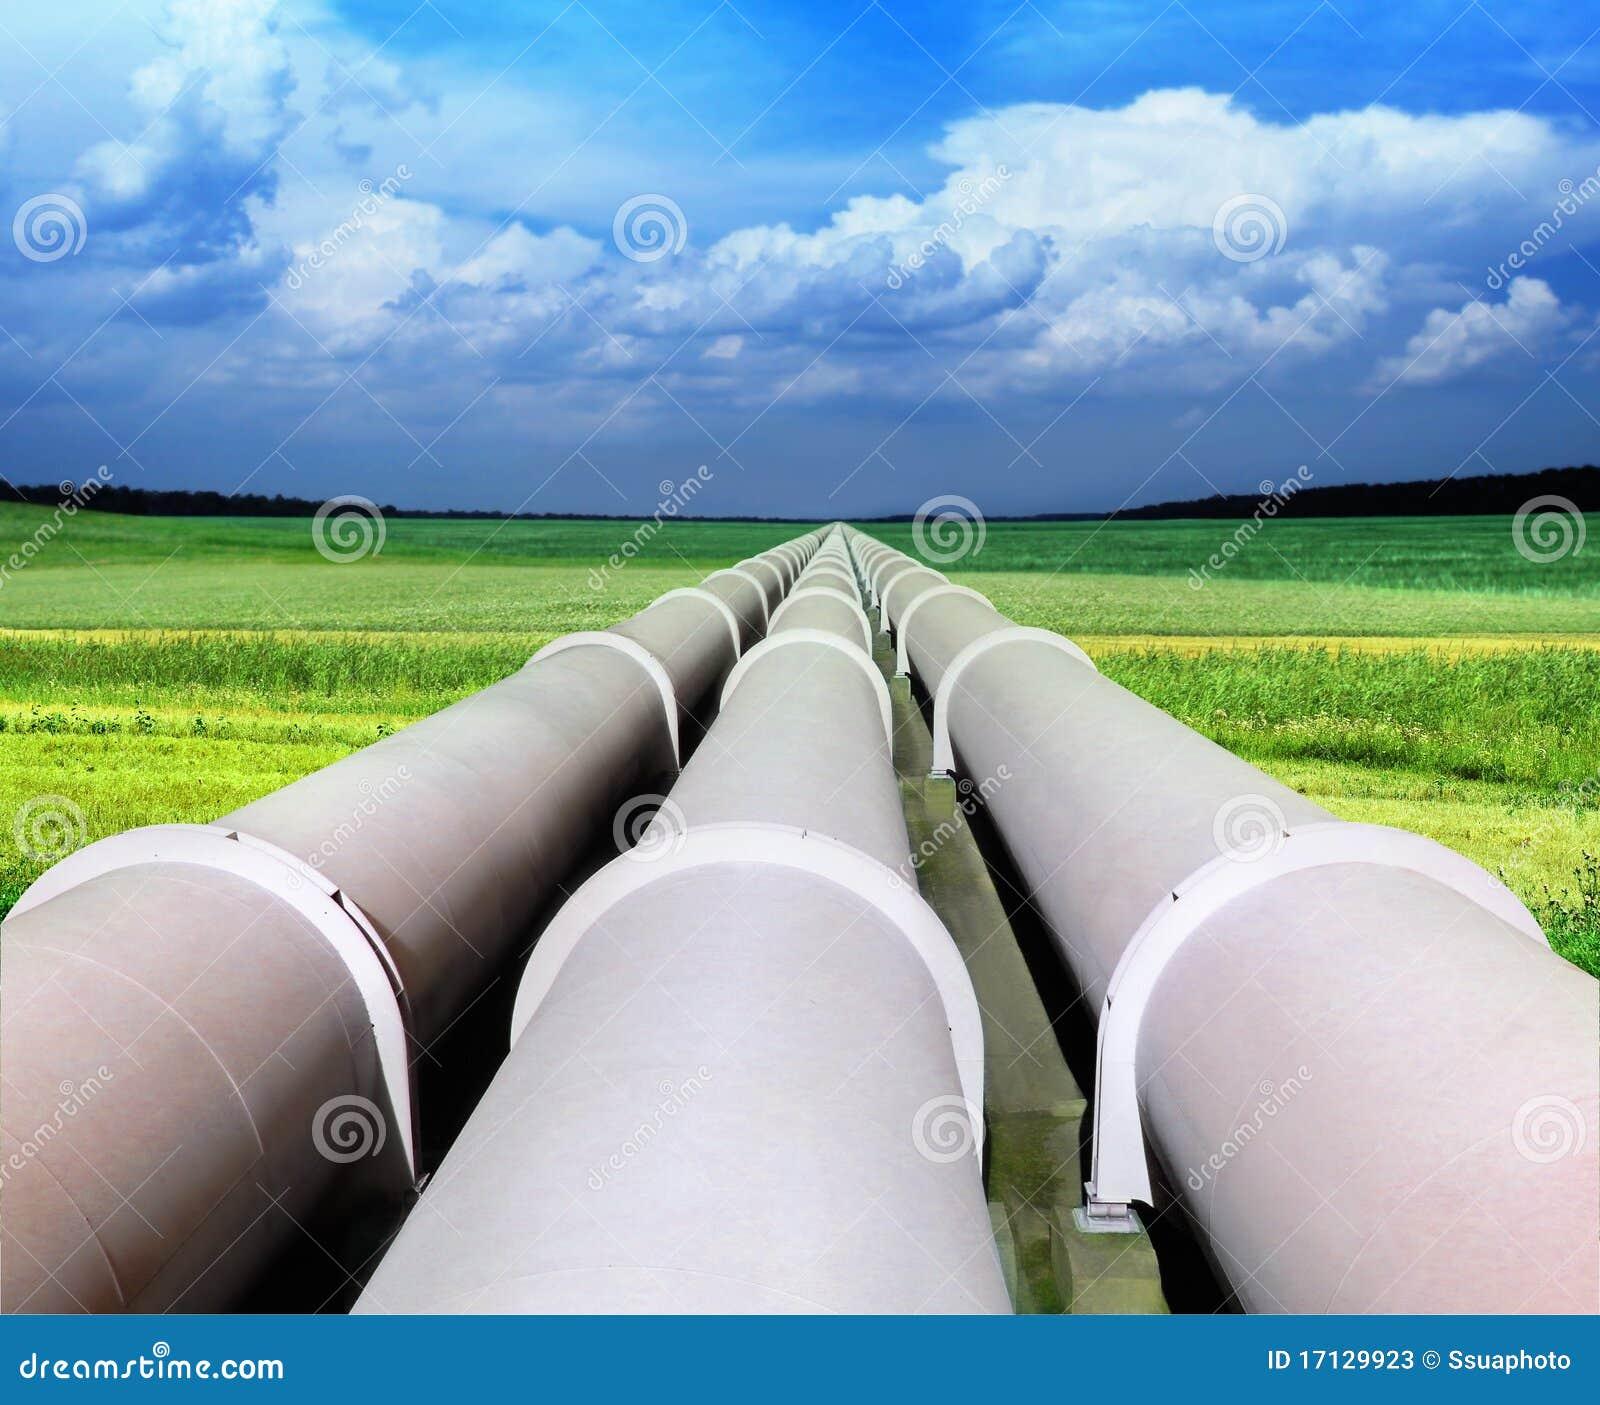 排气管管道